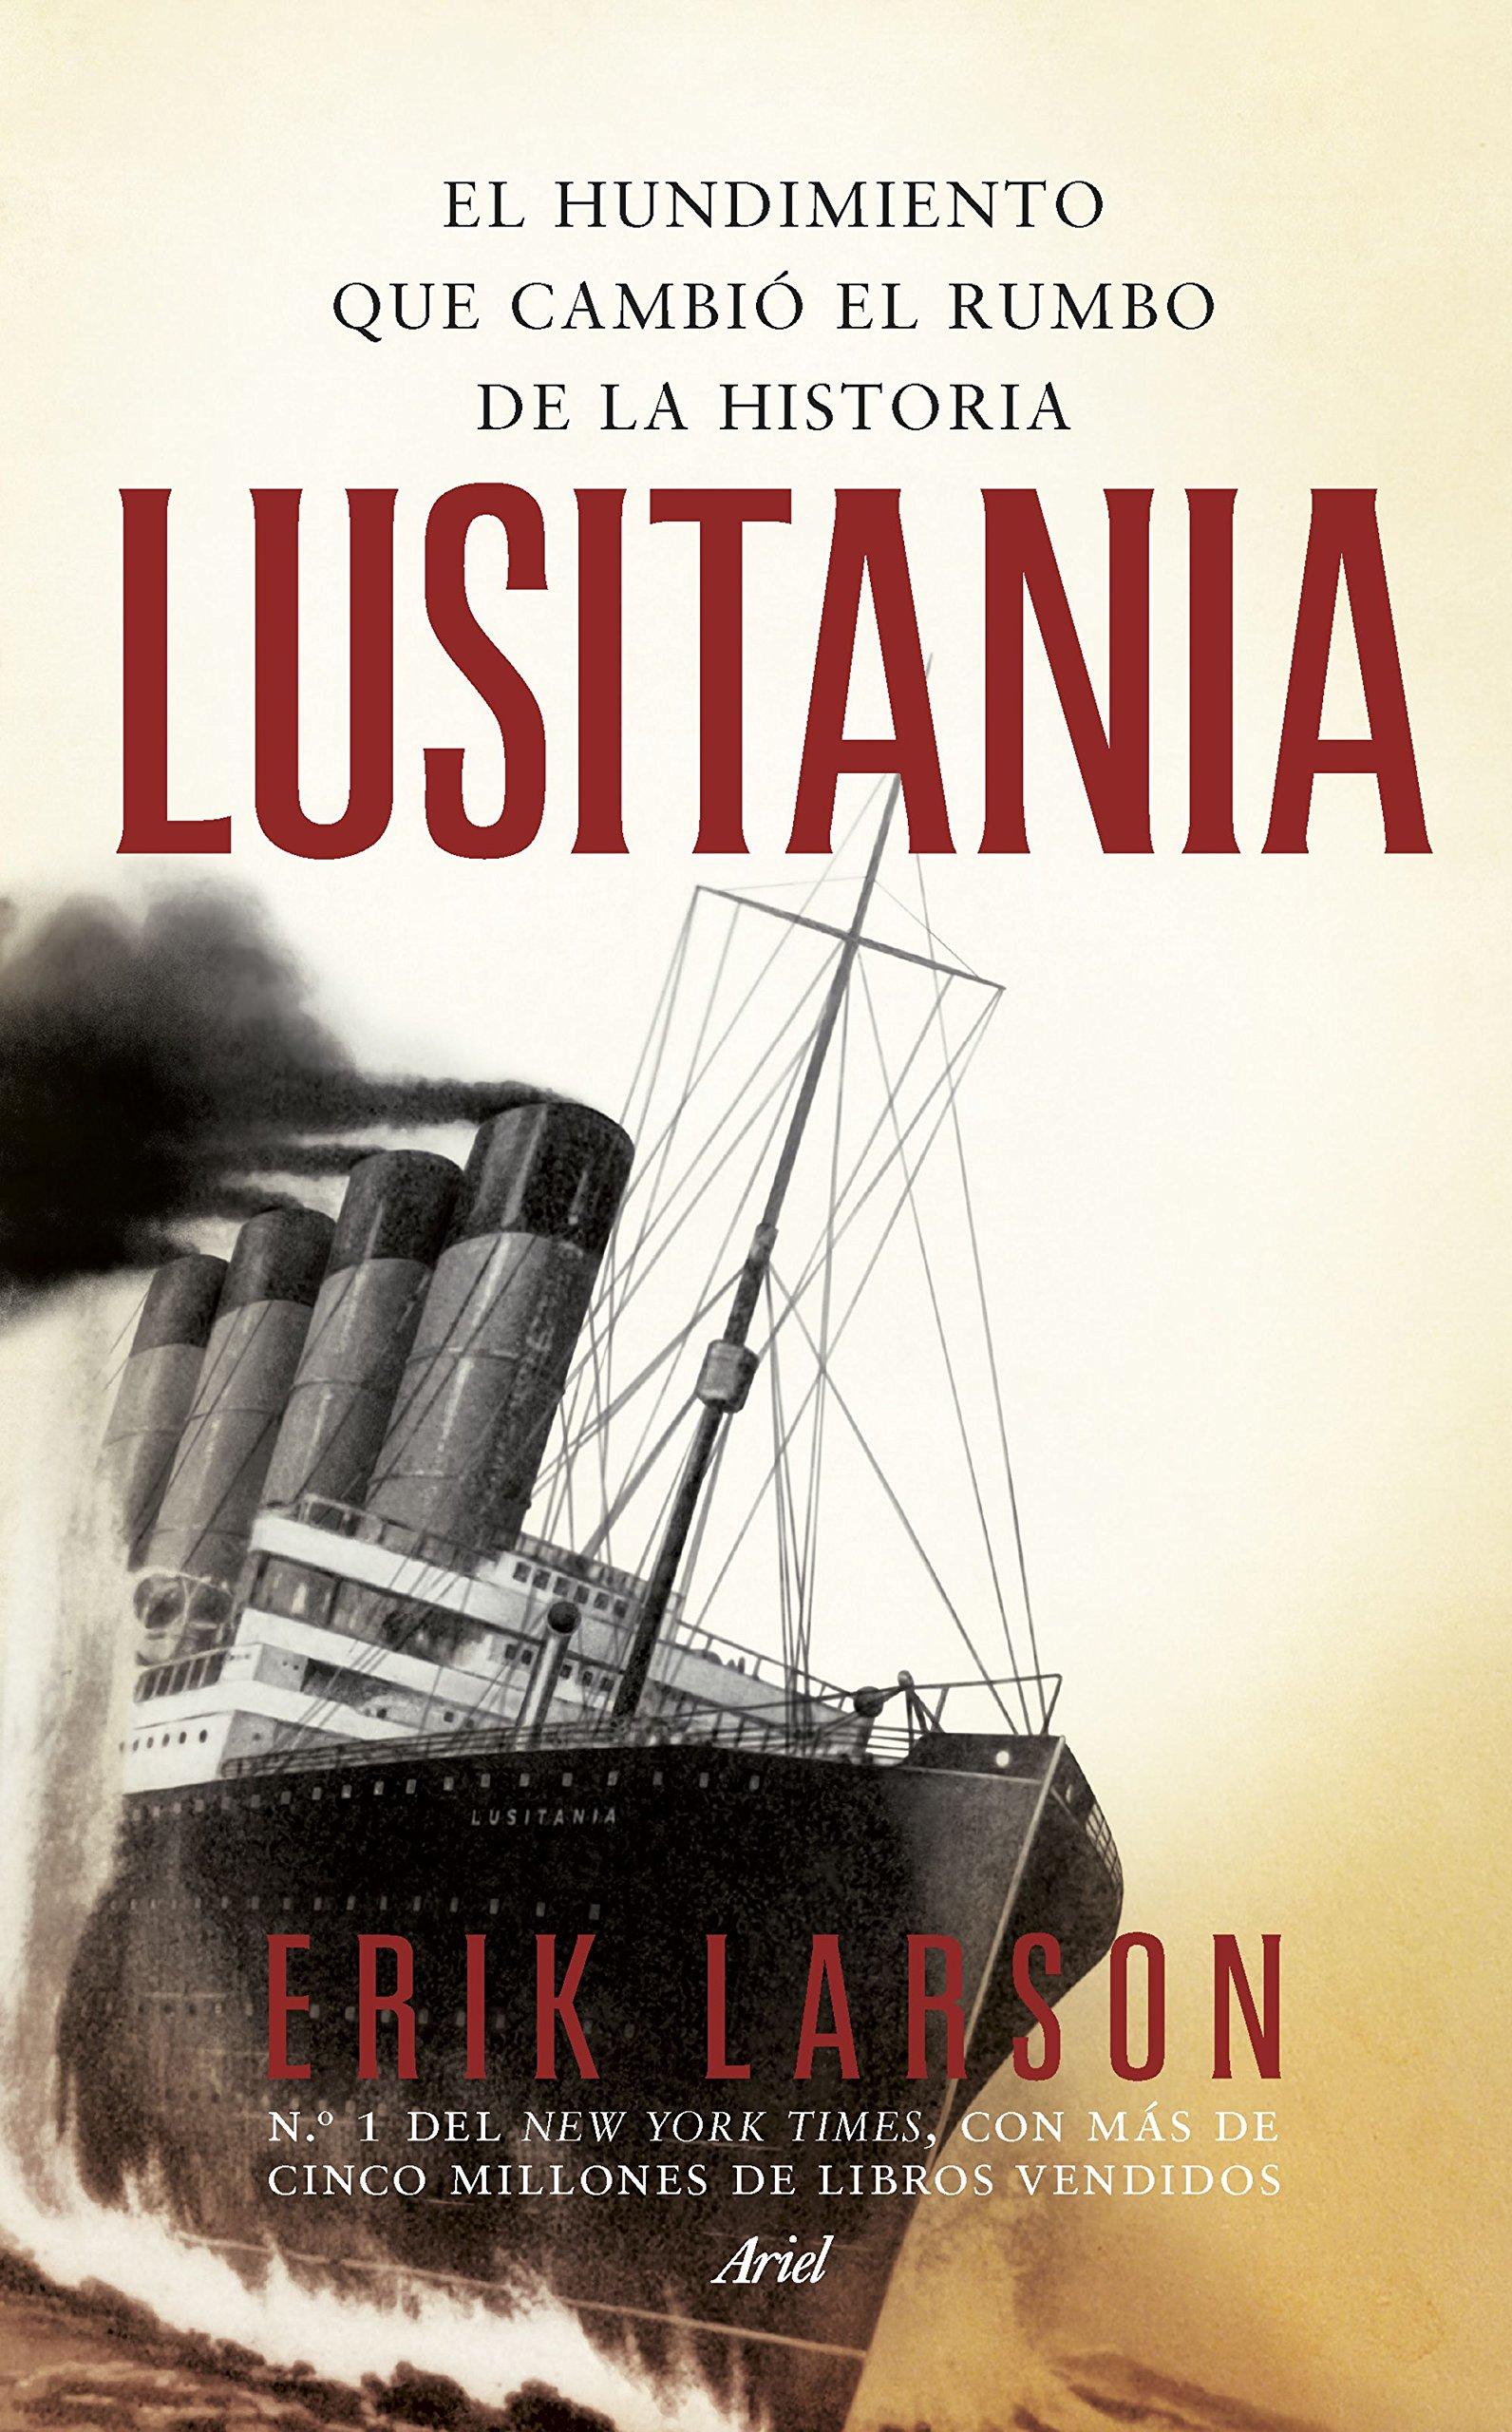 Lusitania: El hundimiento que cambió el rumbo de la historia Ariel: Amazon.es: Larson, Erik, Morés, María: Libros